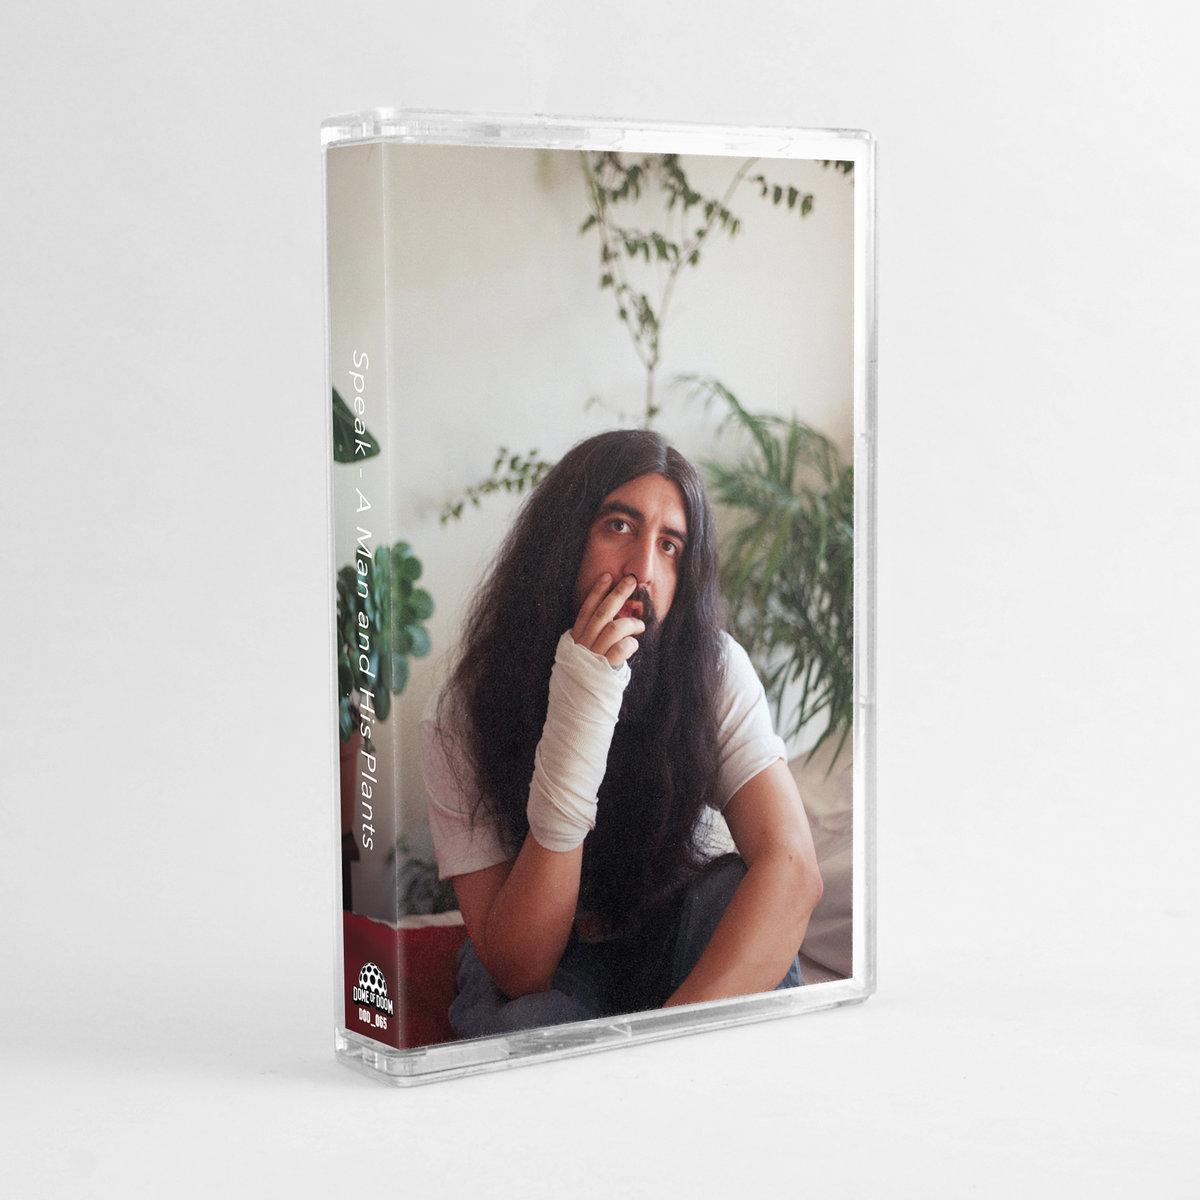 Download xxxtentacion sad instrumental prod. By hq » muzikhyte. Com.